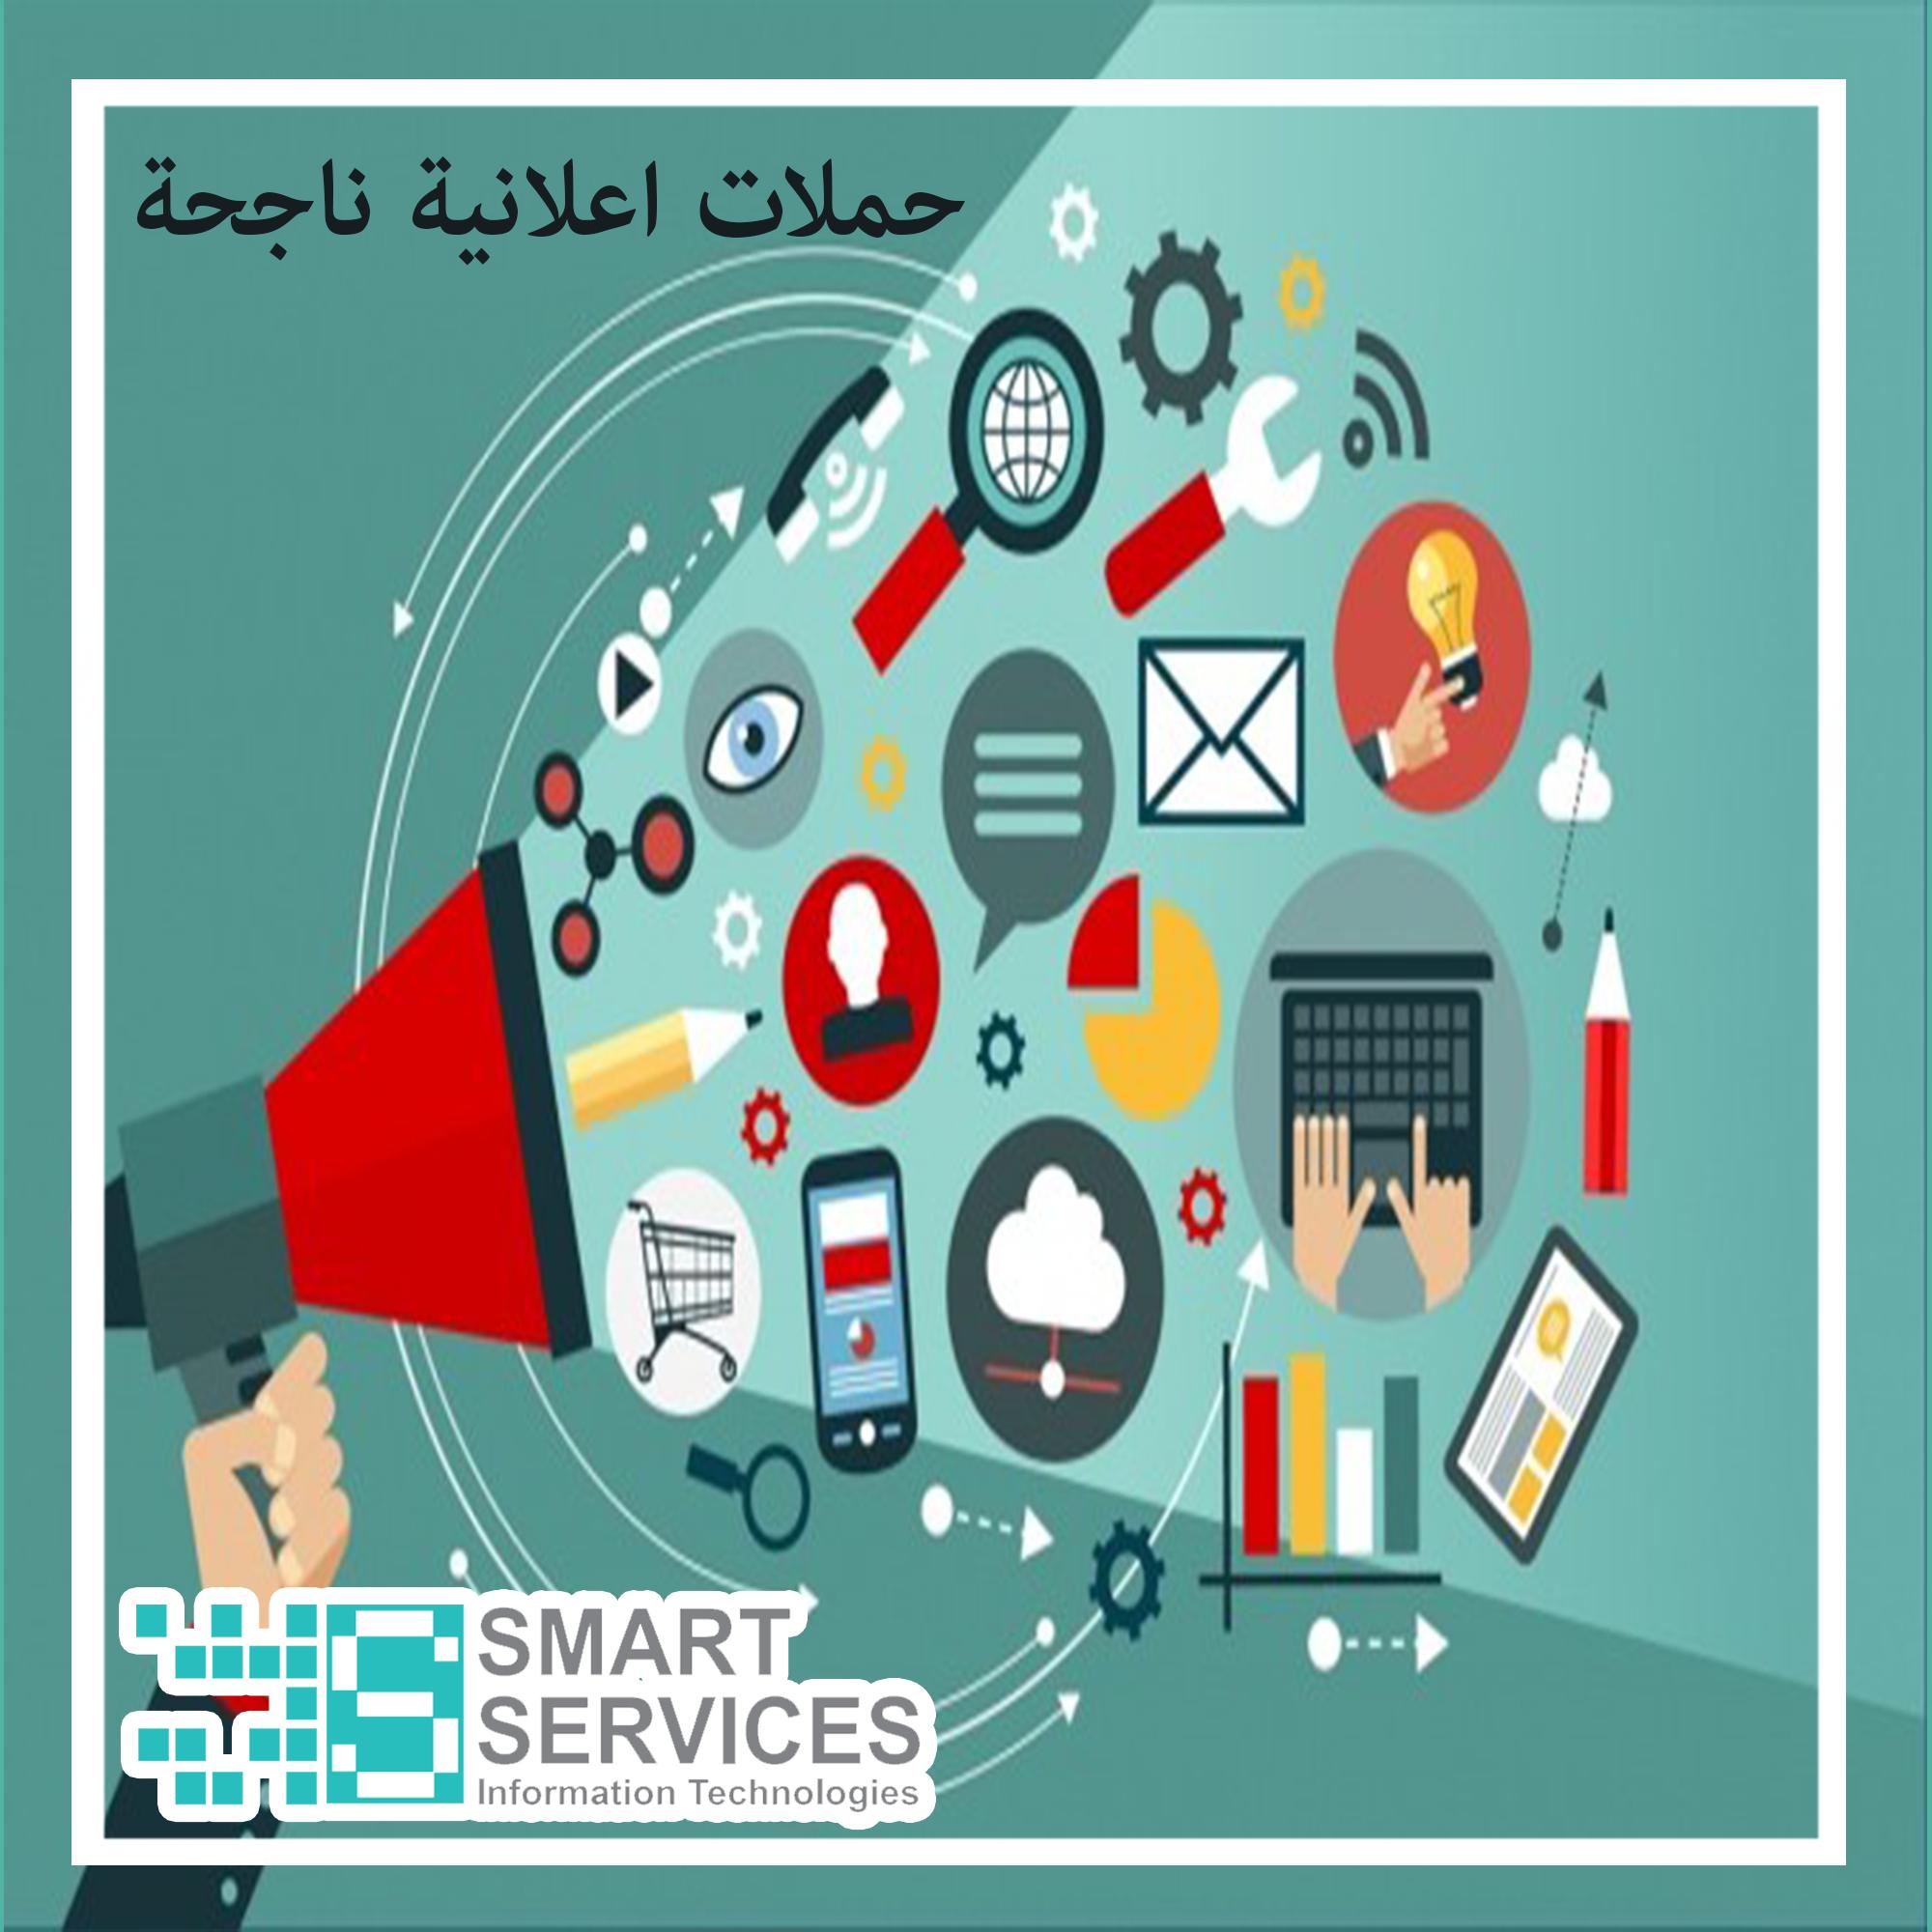 الخطوات الأساسية لتحسين أداء الحملة الإعلانية Information Technology Technology Smart